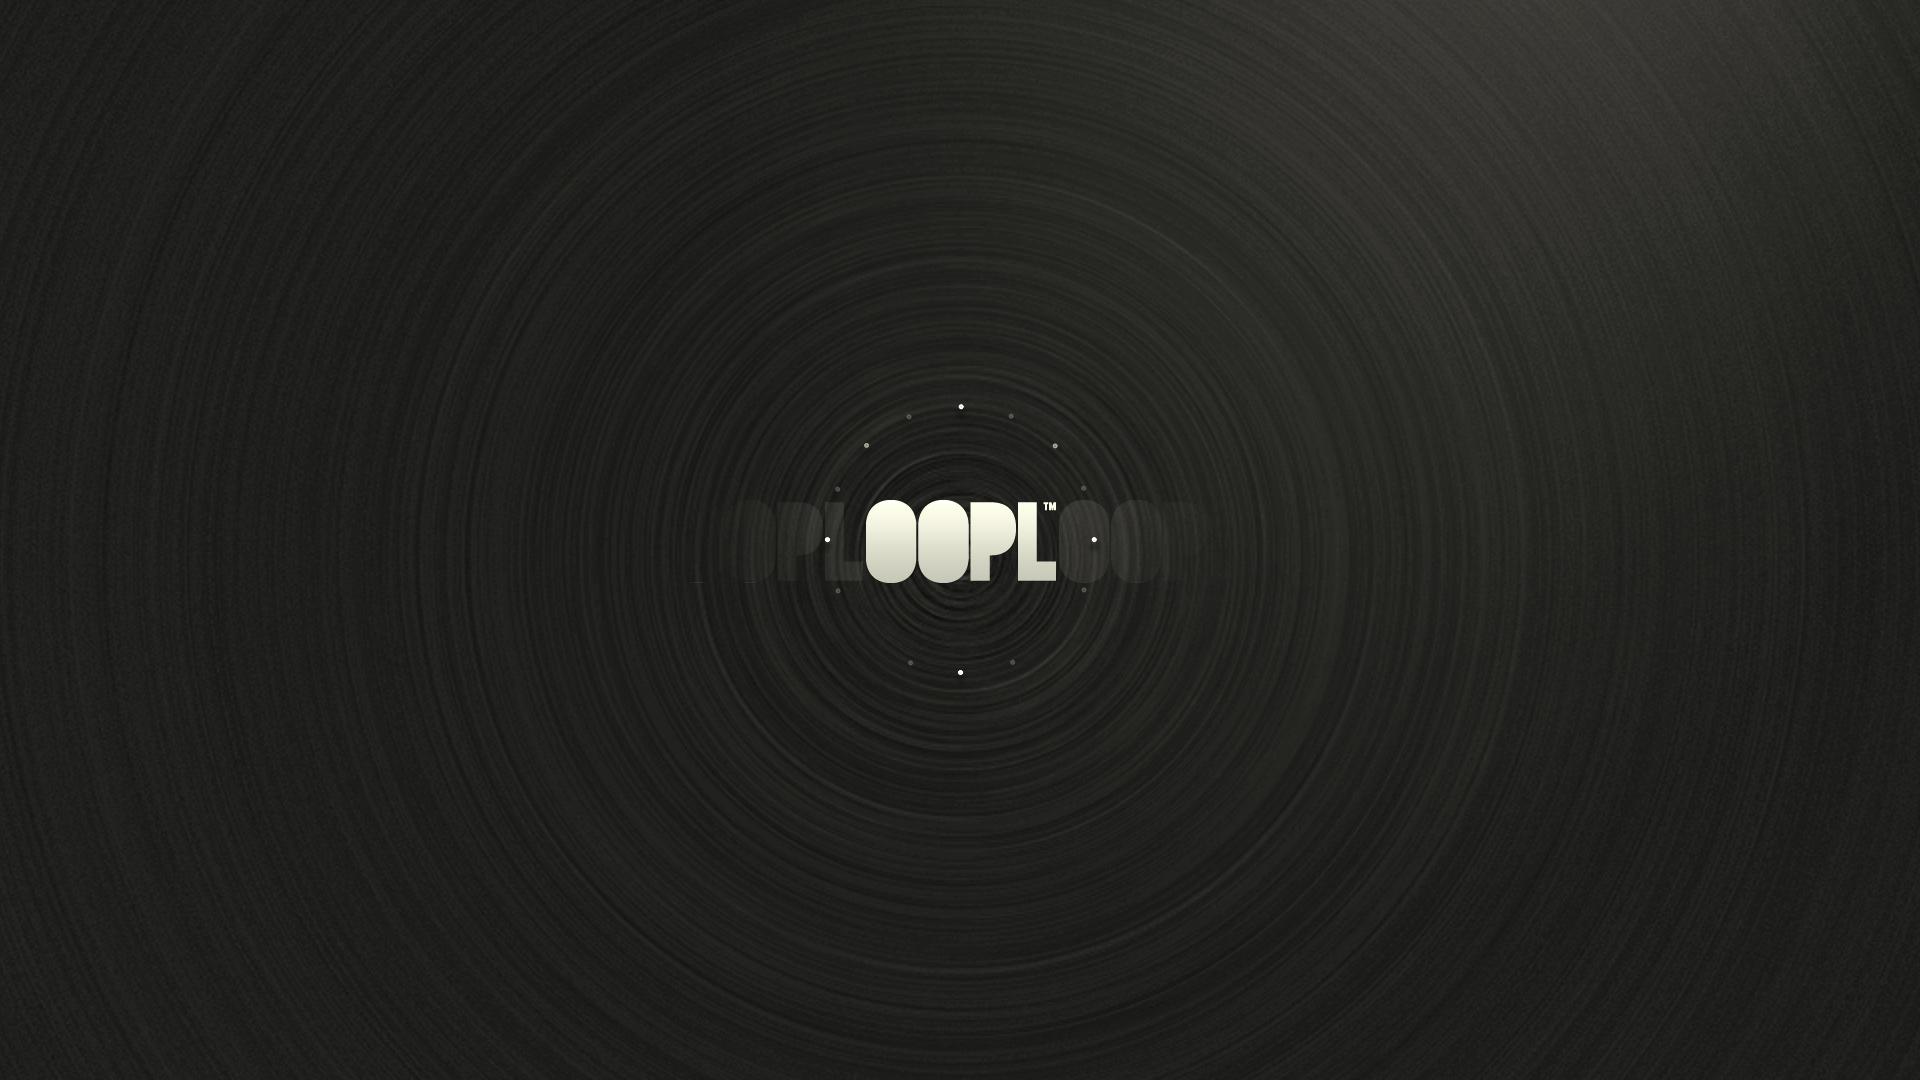 oopl-hero2